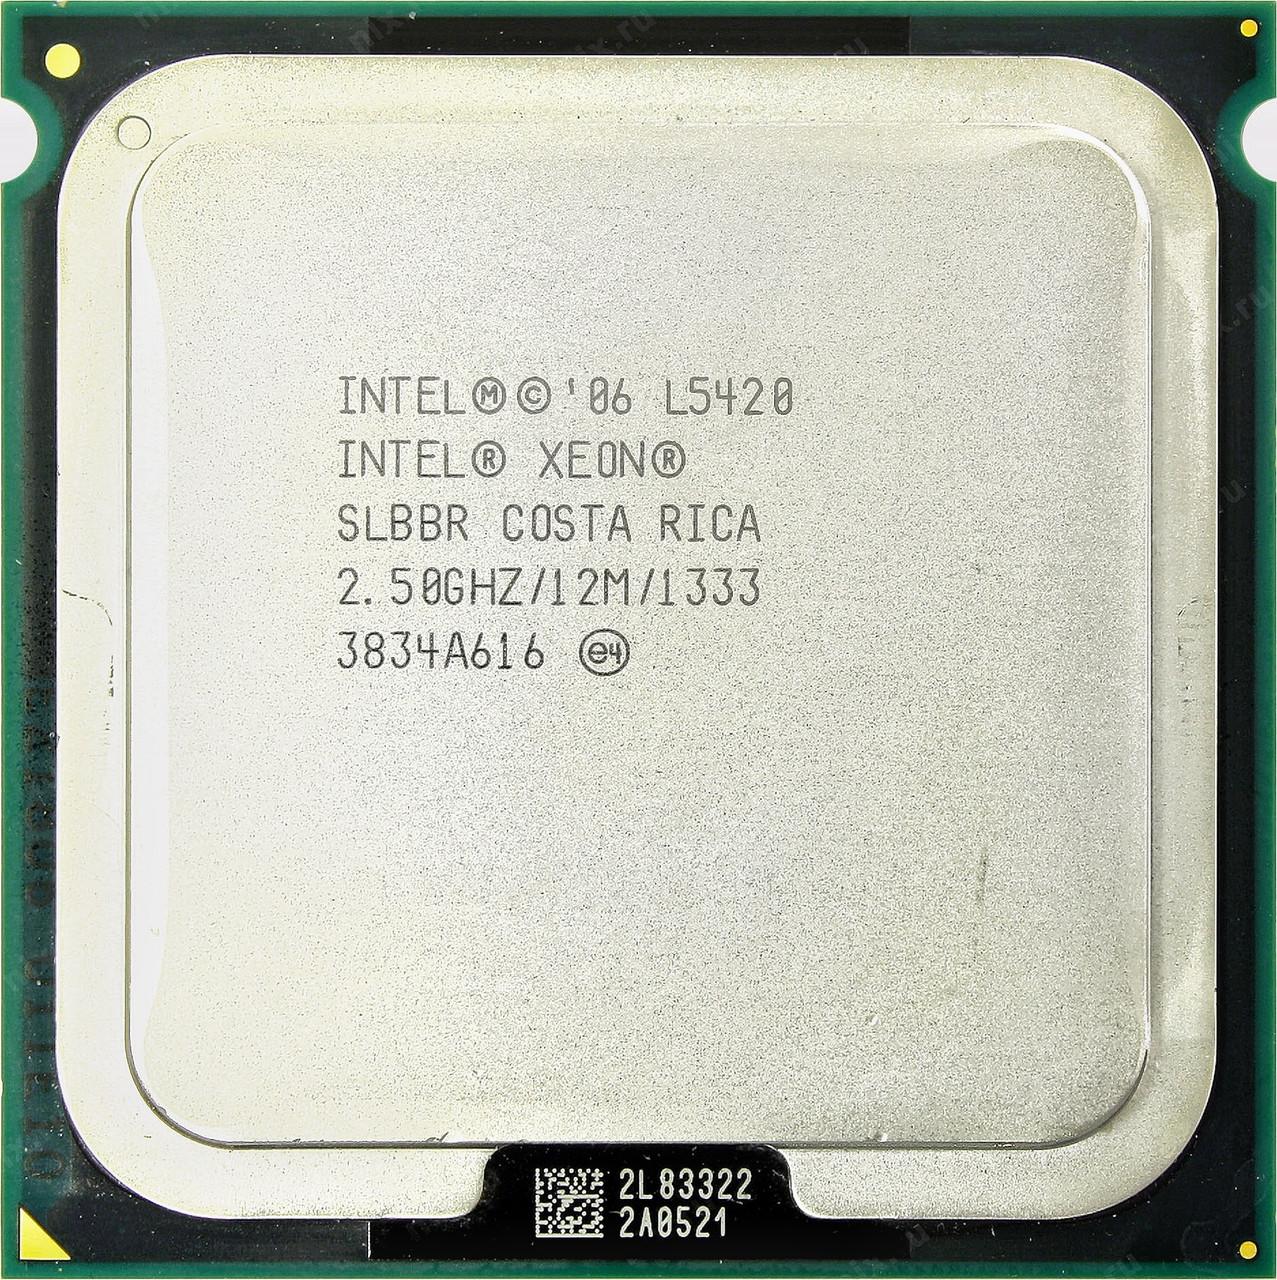 Процессор Intel Xeon L5420 E0 4-ядра 2.50GHz для LGA775 50W + термопаста GD900